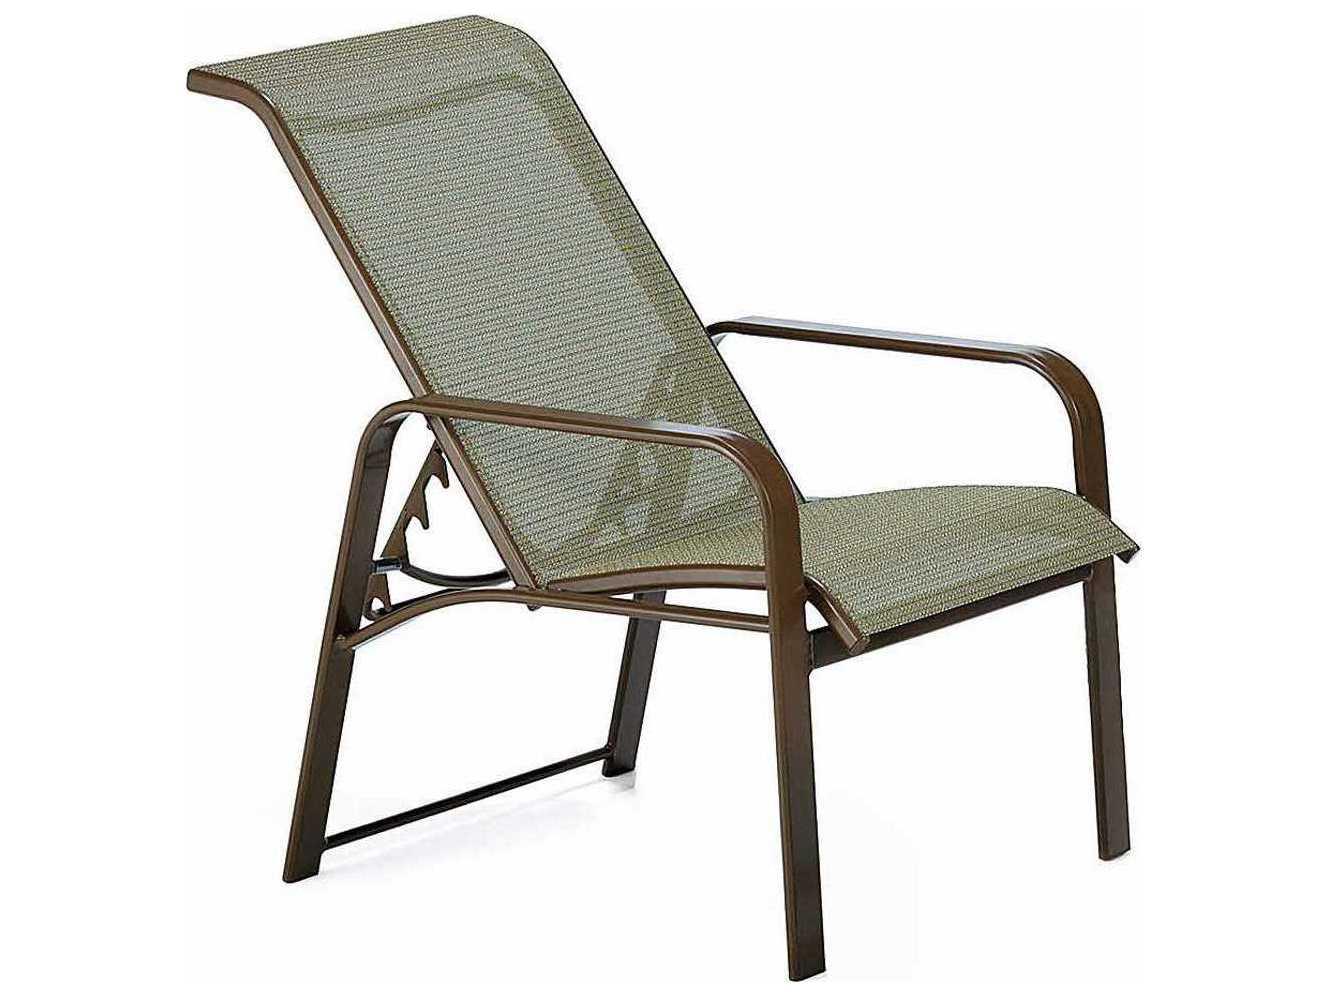 Winston Seagrove Ii Sling Aluminum Adjustable Chair M62017